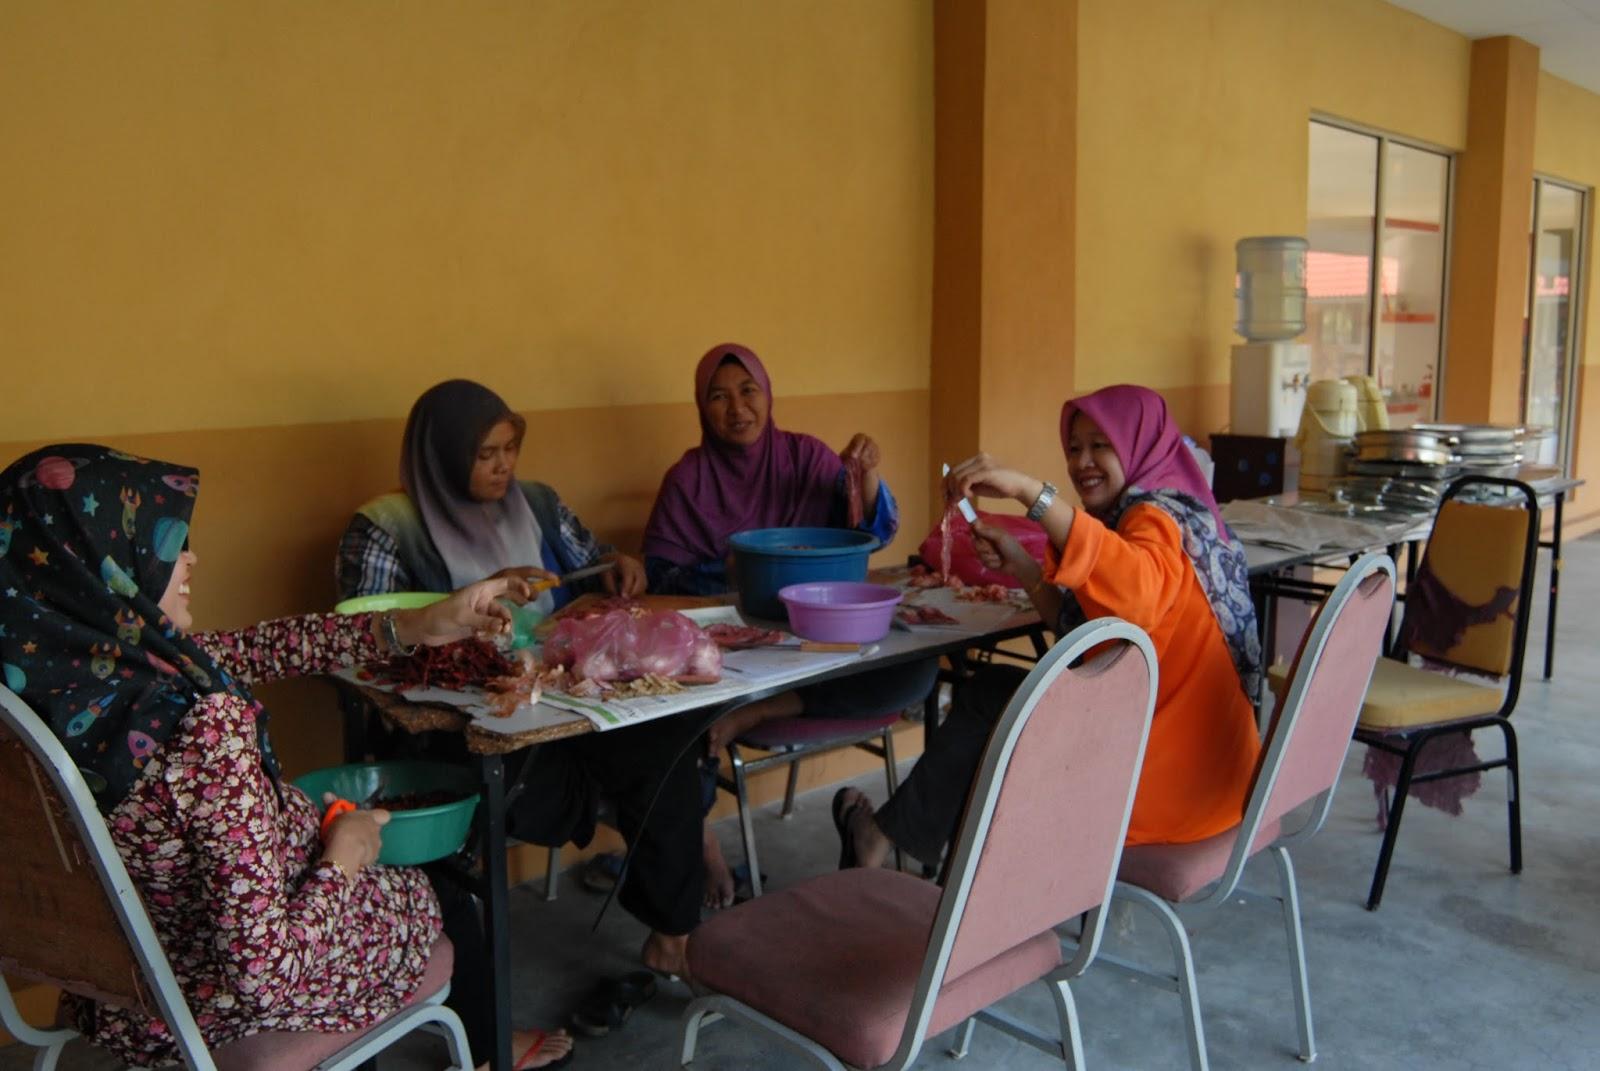 Perbadanan Kemajuan Kraftangan Malaysia Cawangan Pulau Pinang Majlis Hari Raya Kraftangan Malaysia Cawangan Pulau Pinang